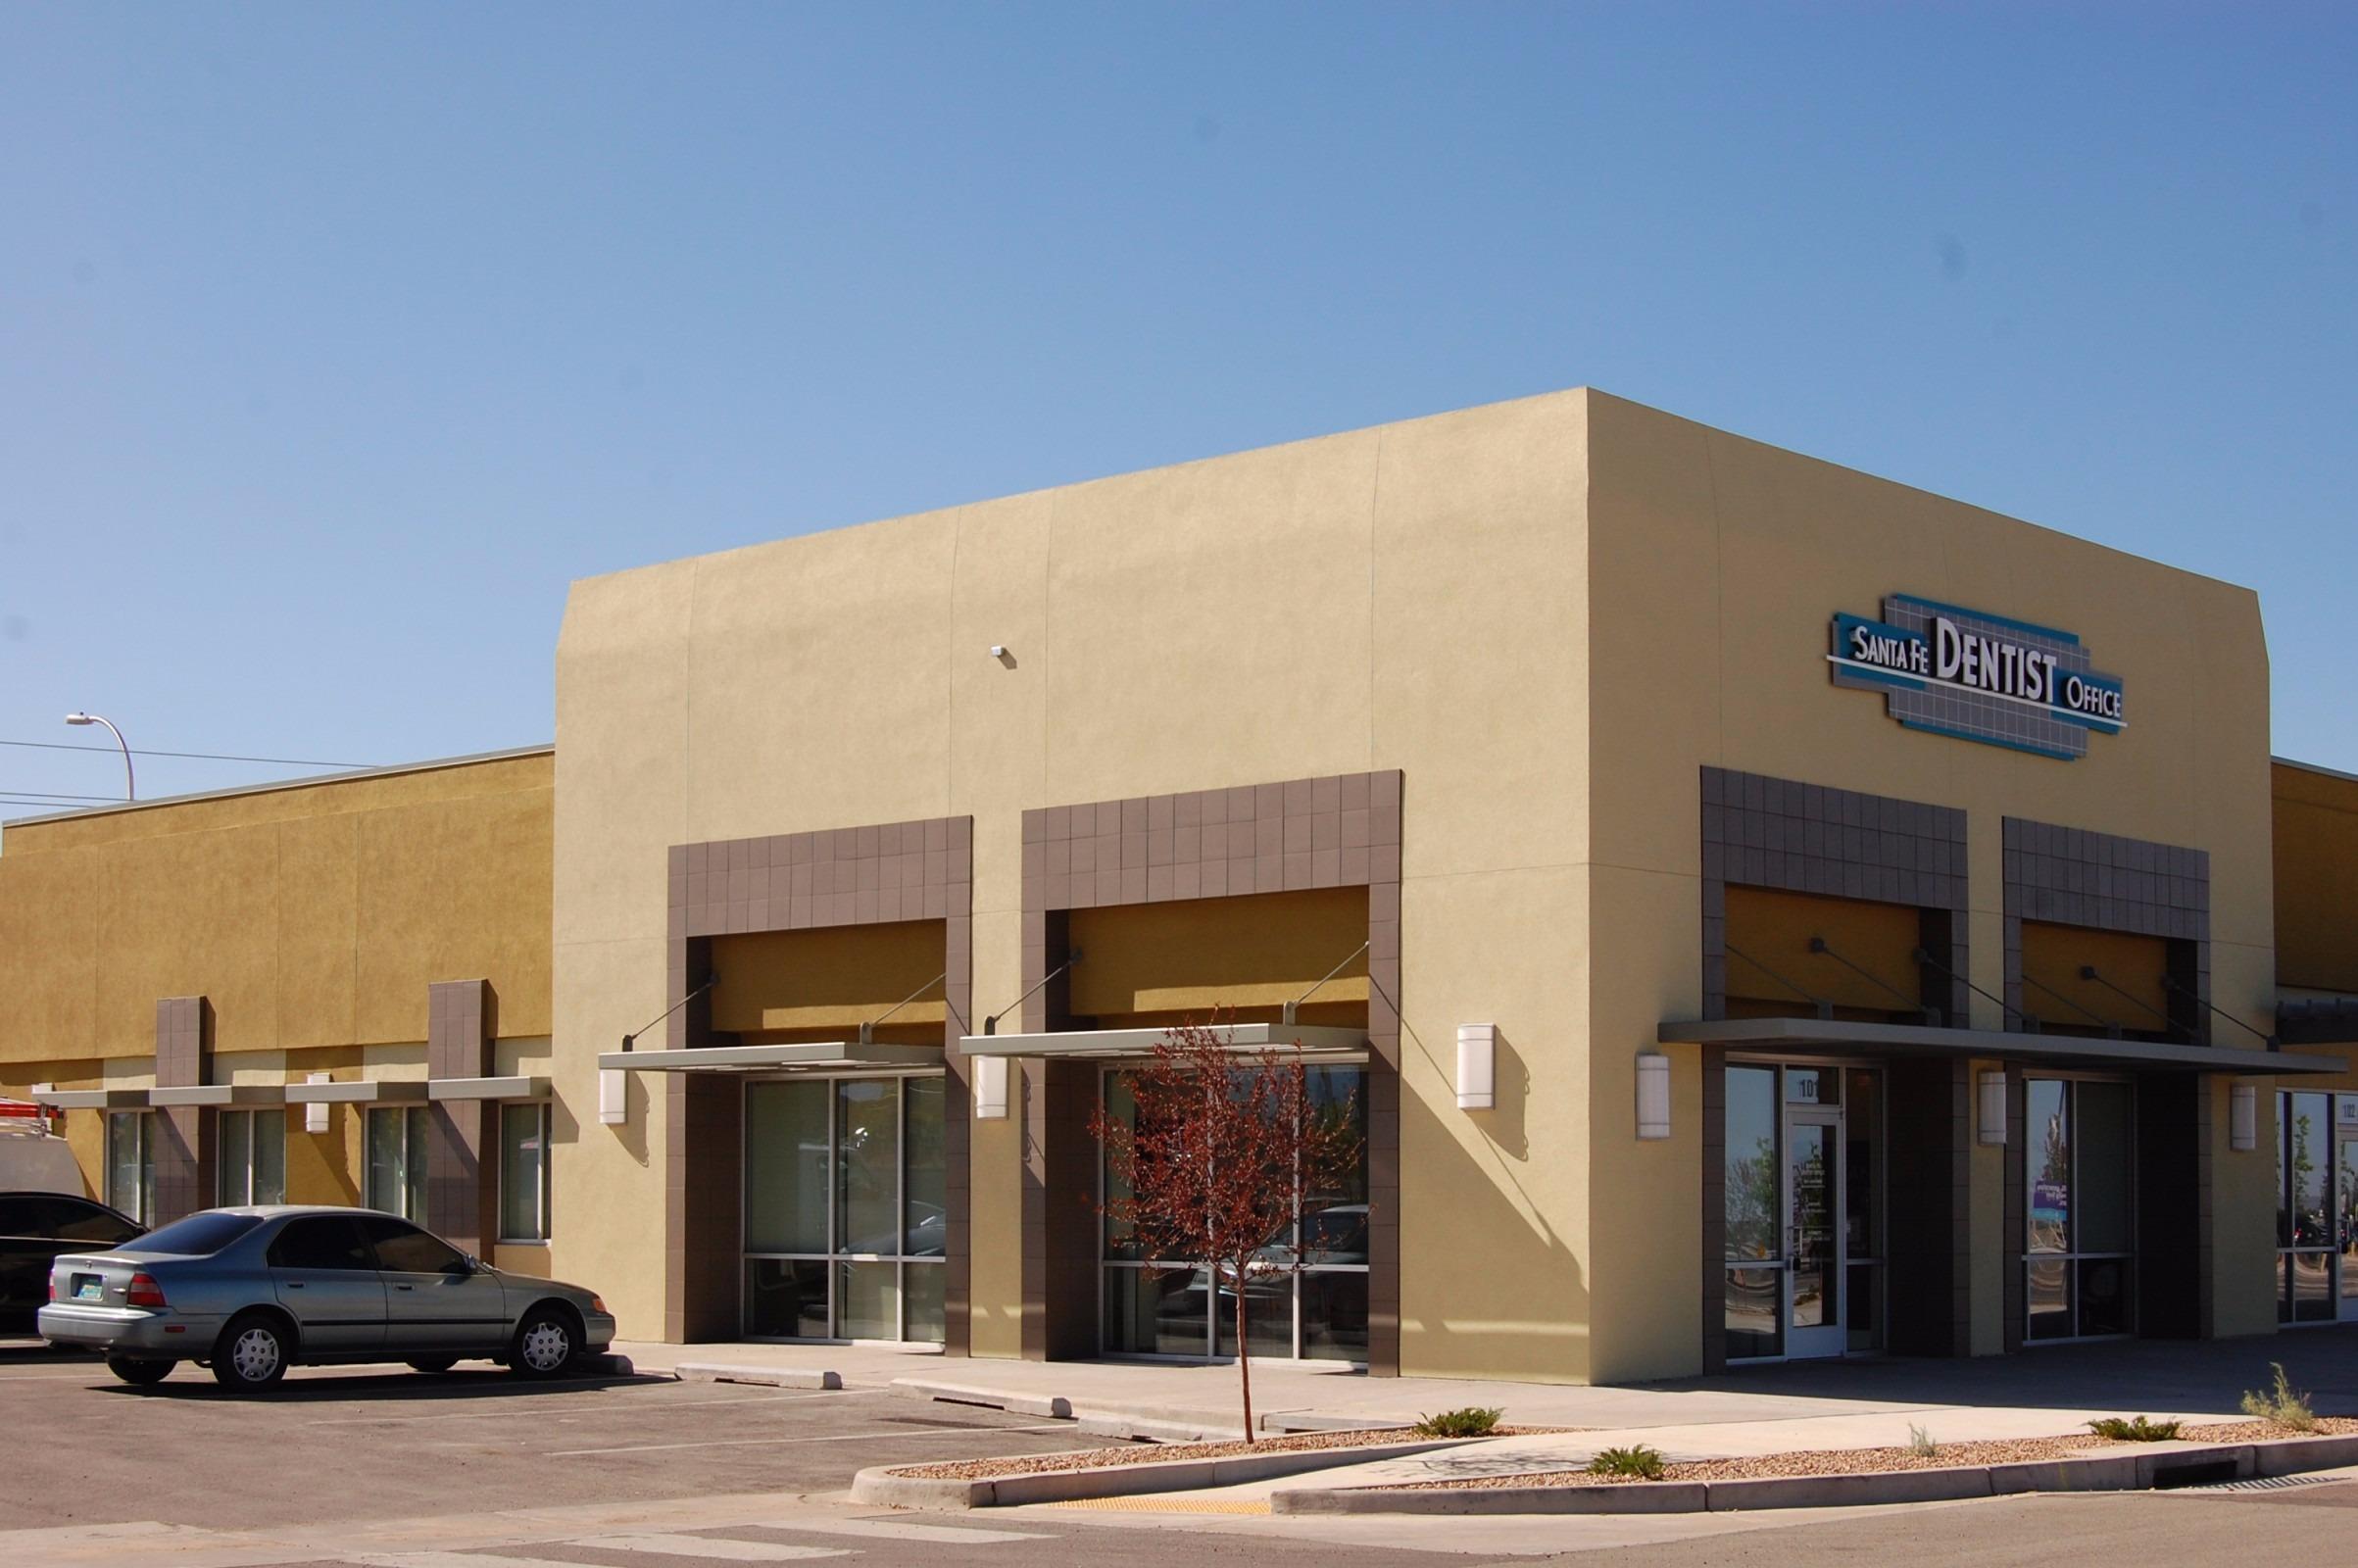 Santa Fe Dentist Office image 8